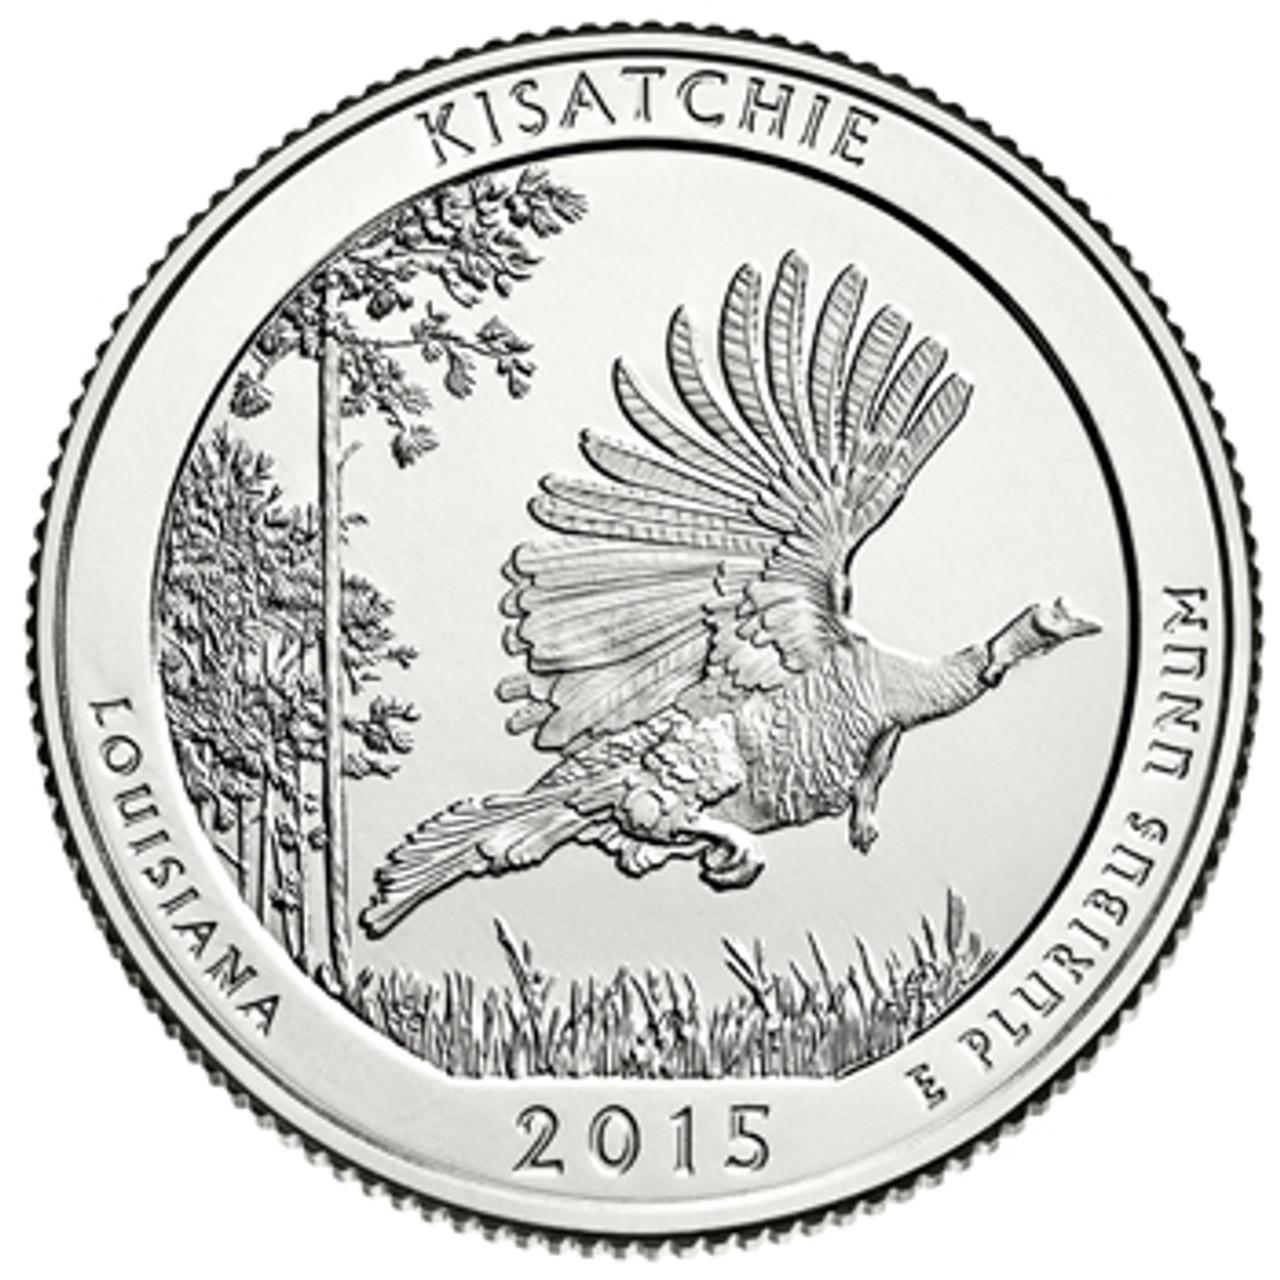 2015-P Kisatchie National Park Quarter Brilliant Uncirculated Image 1